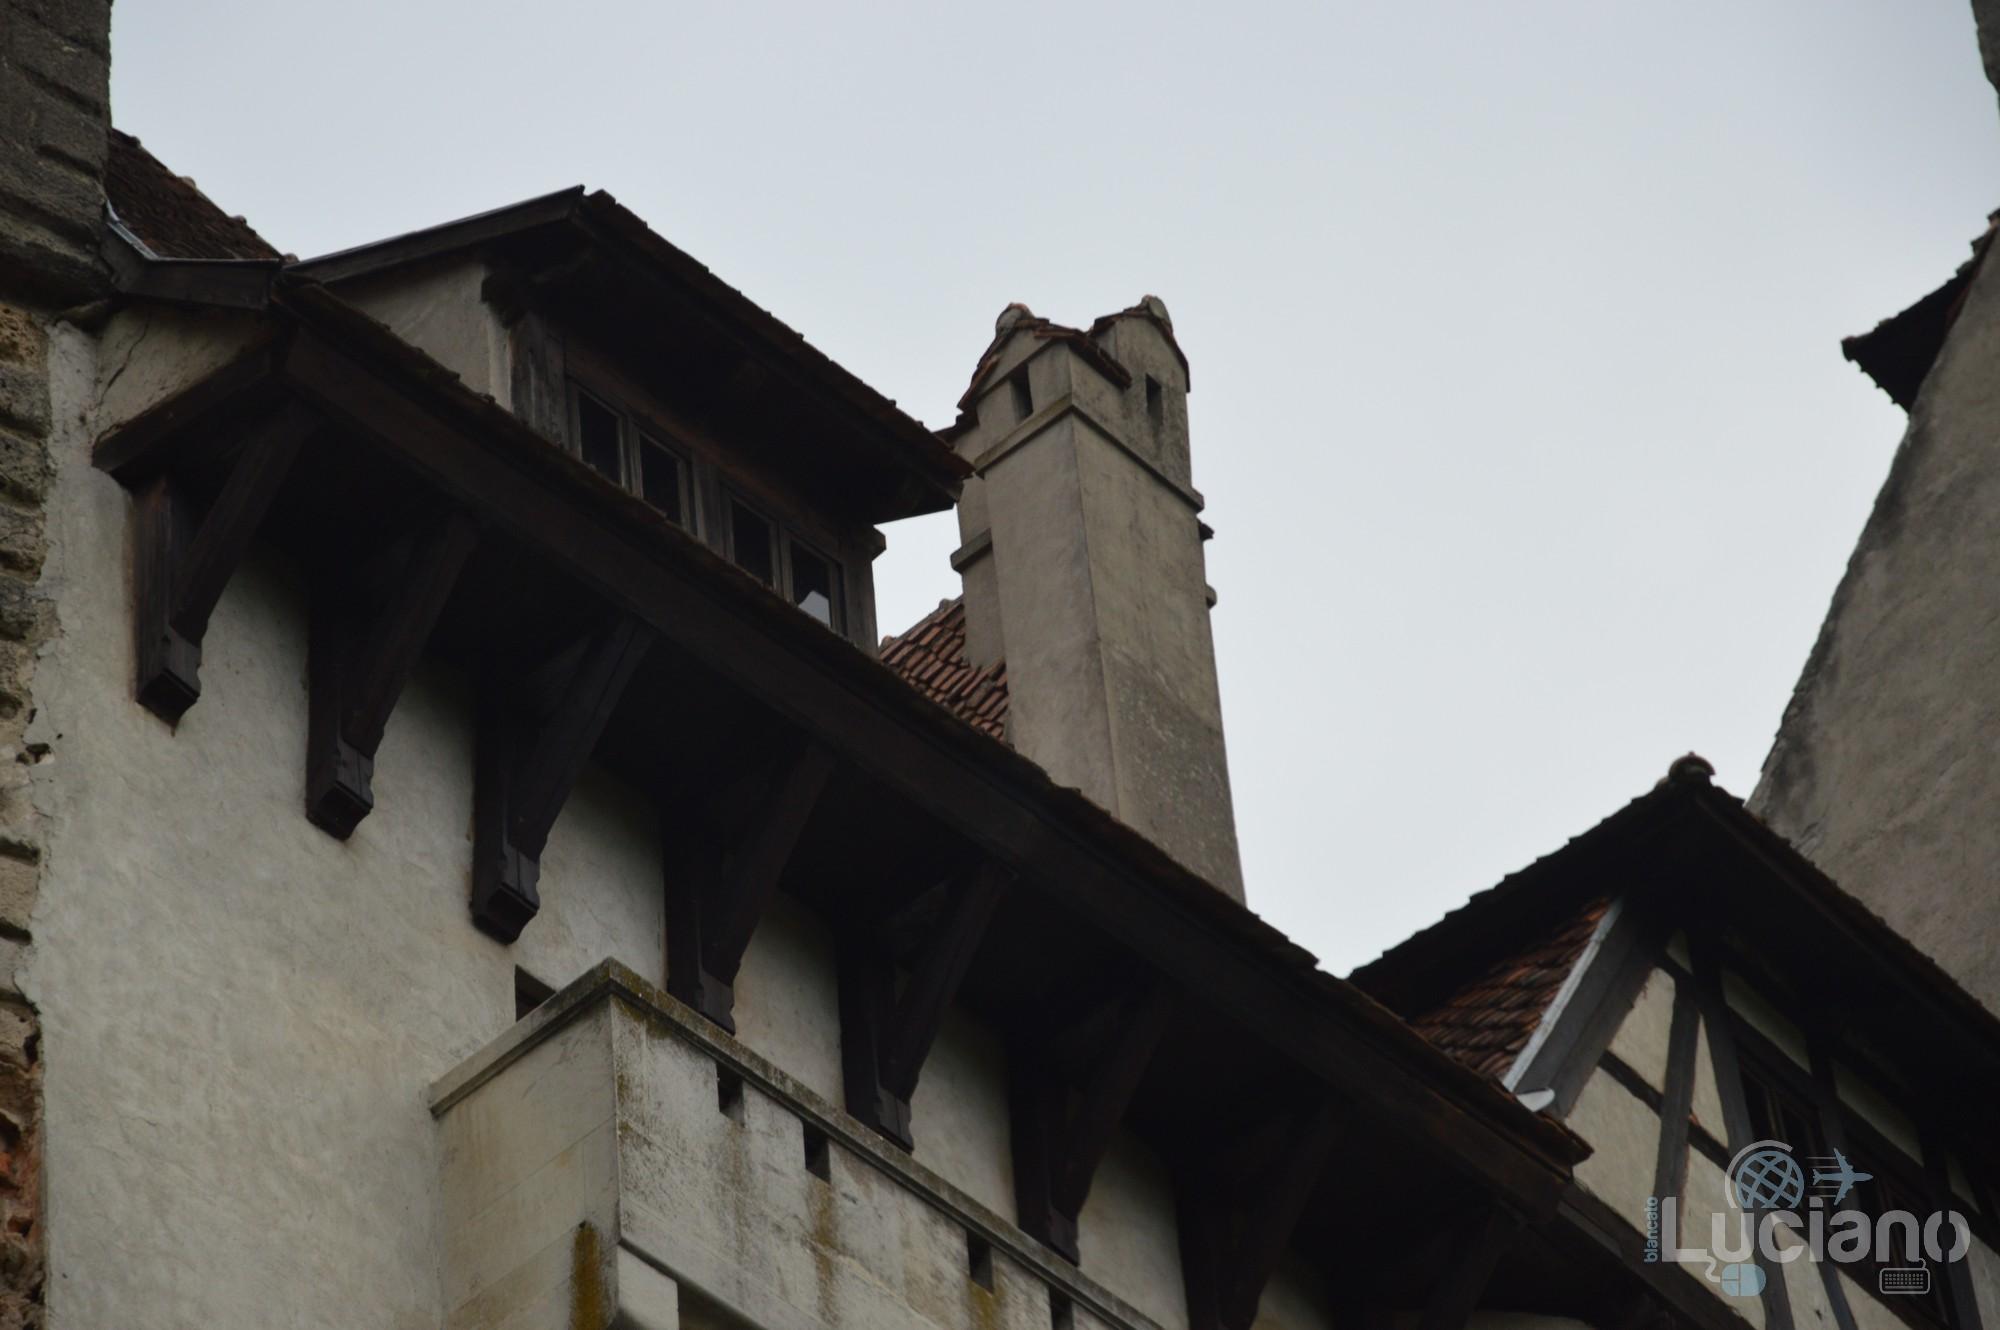 castello-di-dracula-castello-di-bran-luciano-blancato (16)